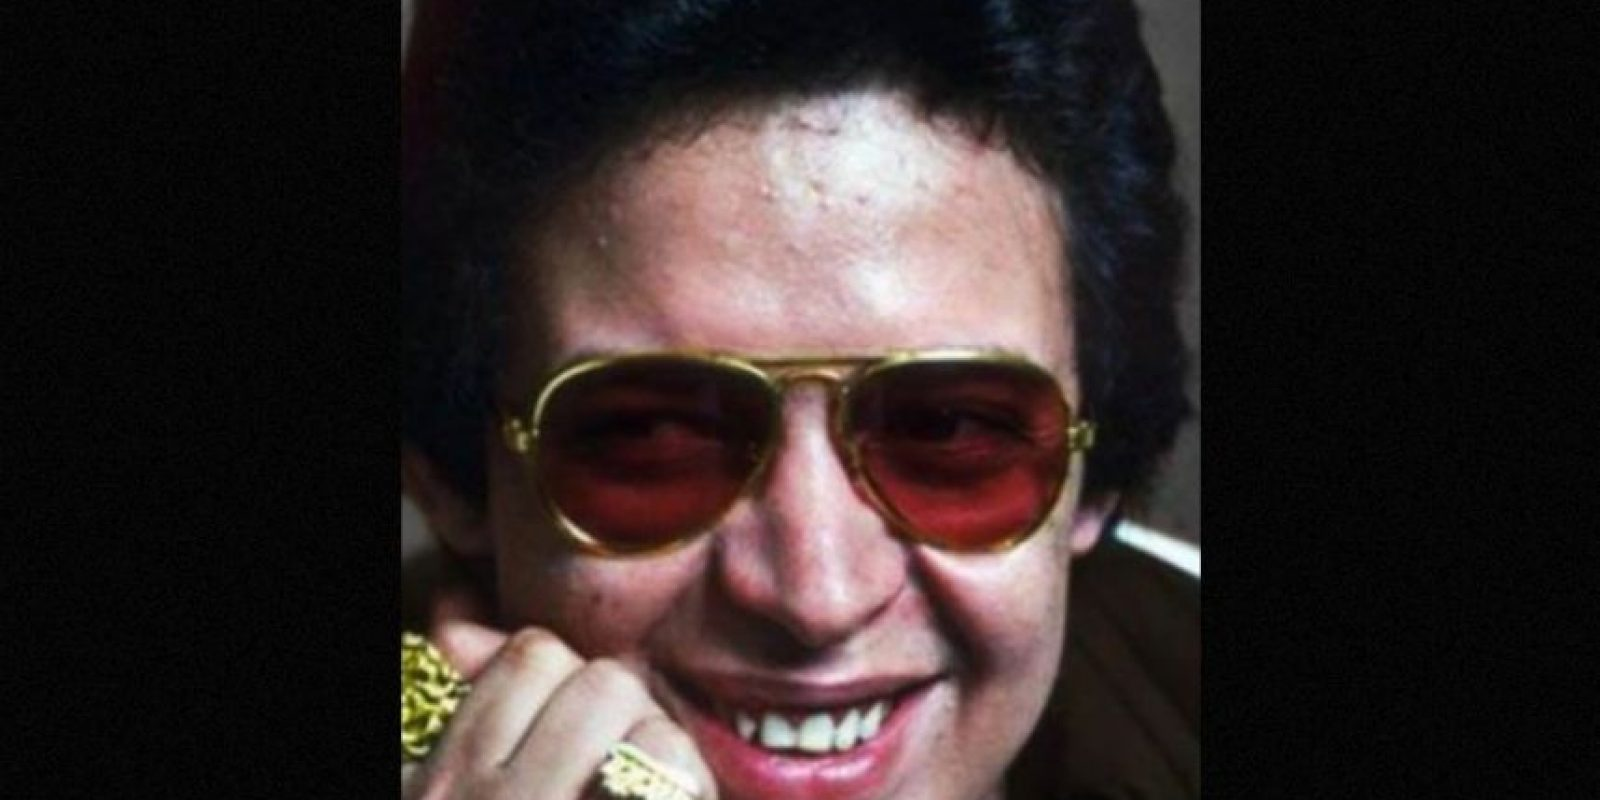 Héctor Lavoe- El salsero puertorriqueño fue diagnosticado en 1988 falleció en 1991 a causa de complicaciones de salud relacionadas a la enfermedad. Foto:Facebook/hector.lavoe